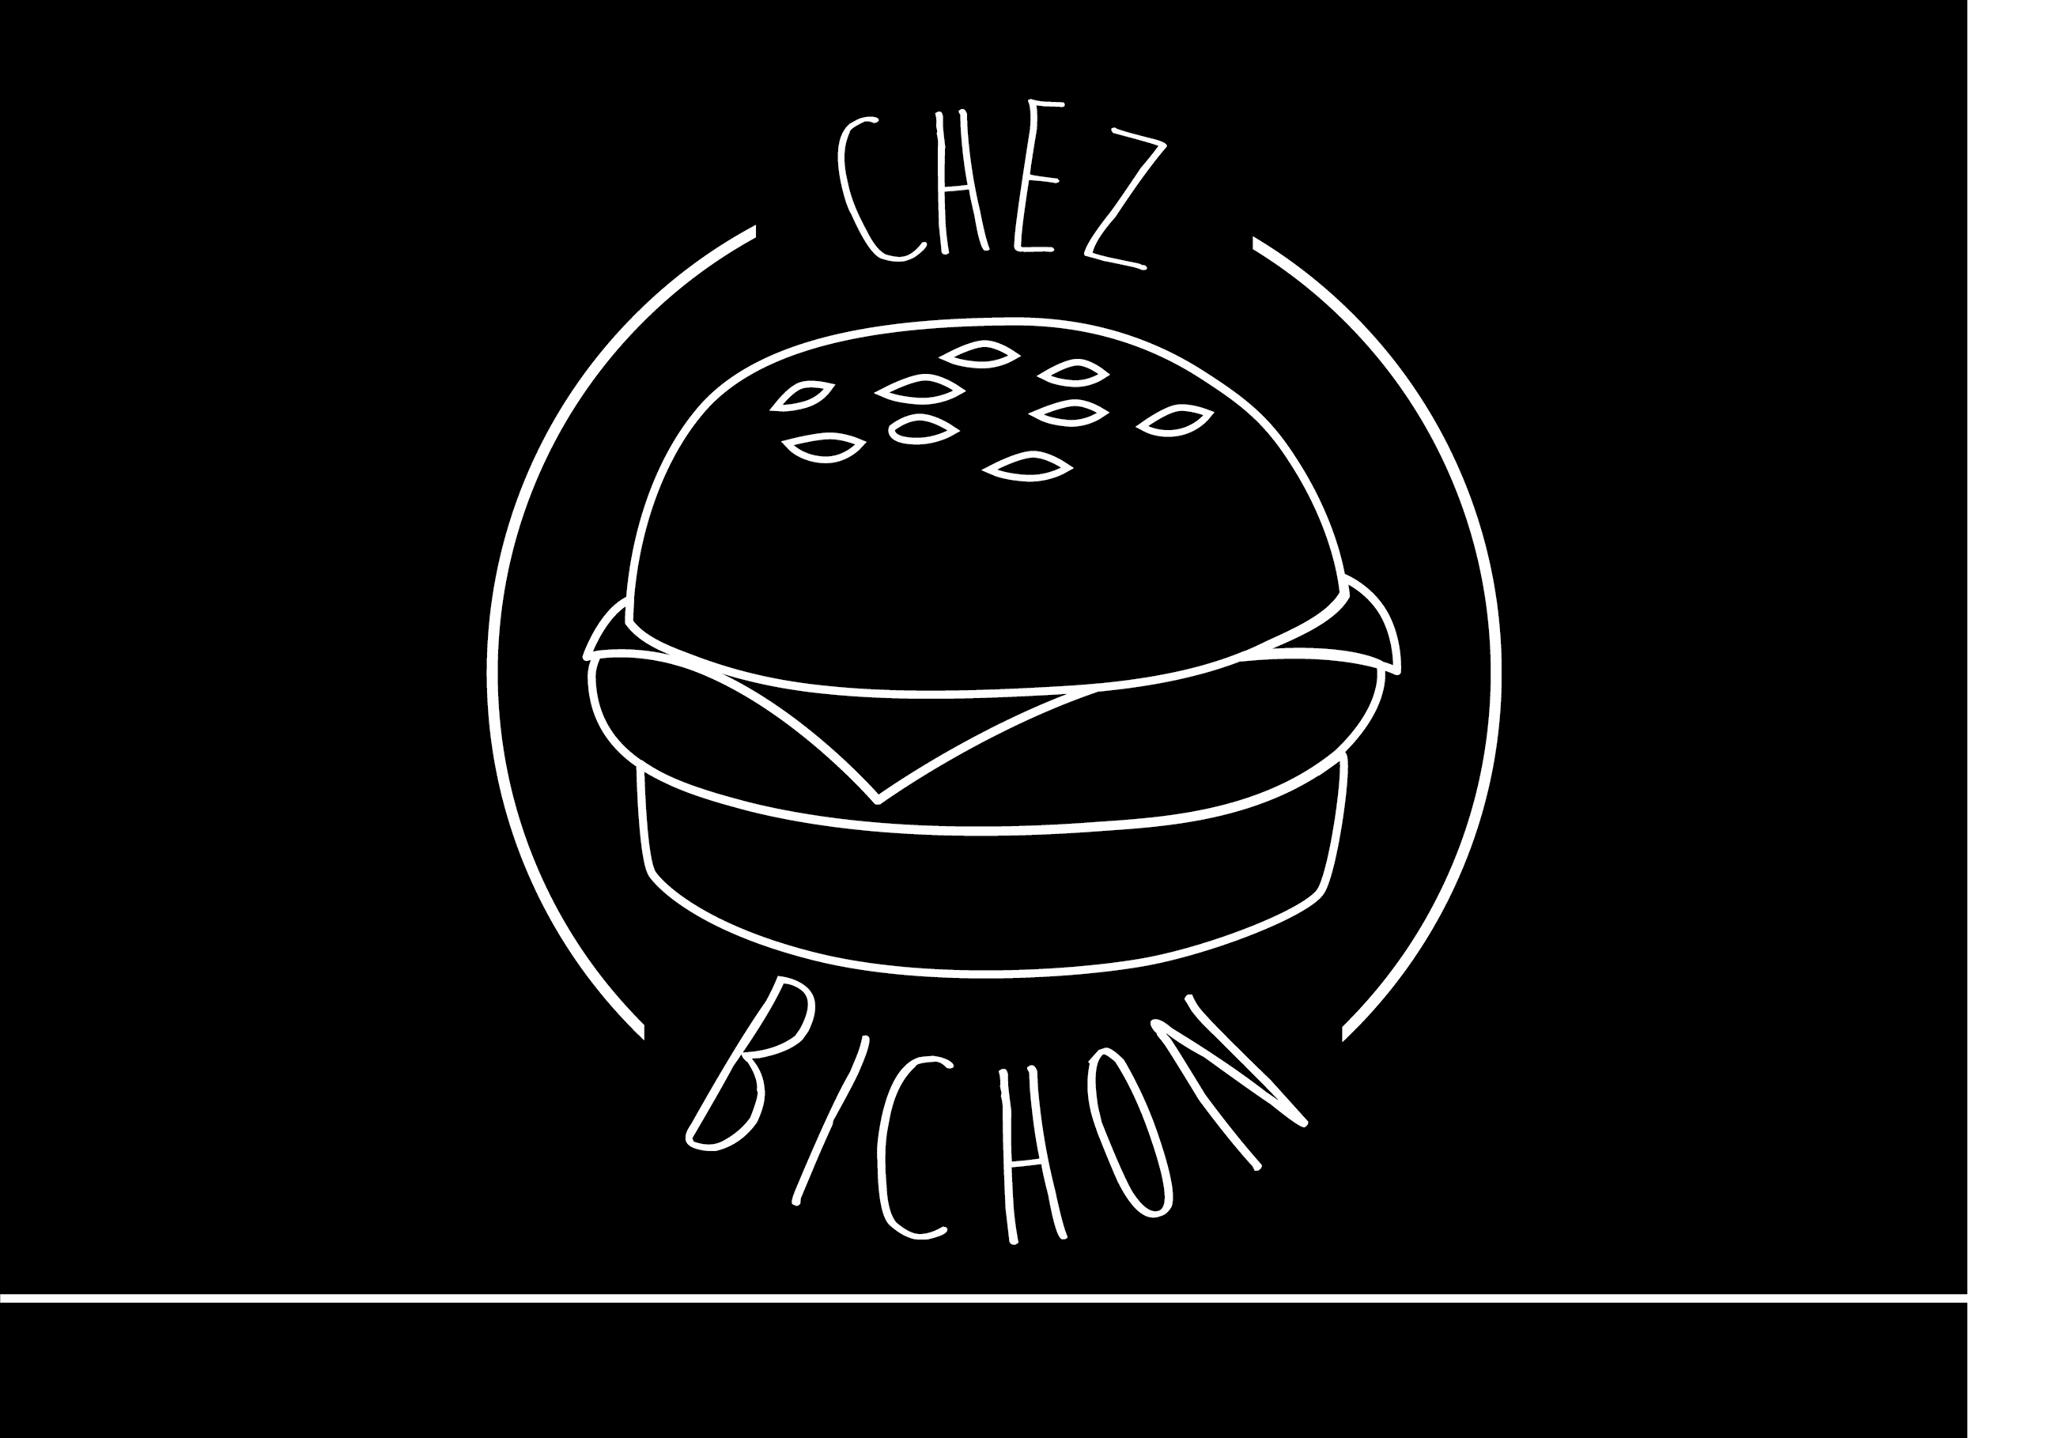 Logo noir blanc Chez Bichon